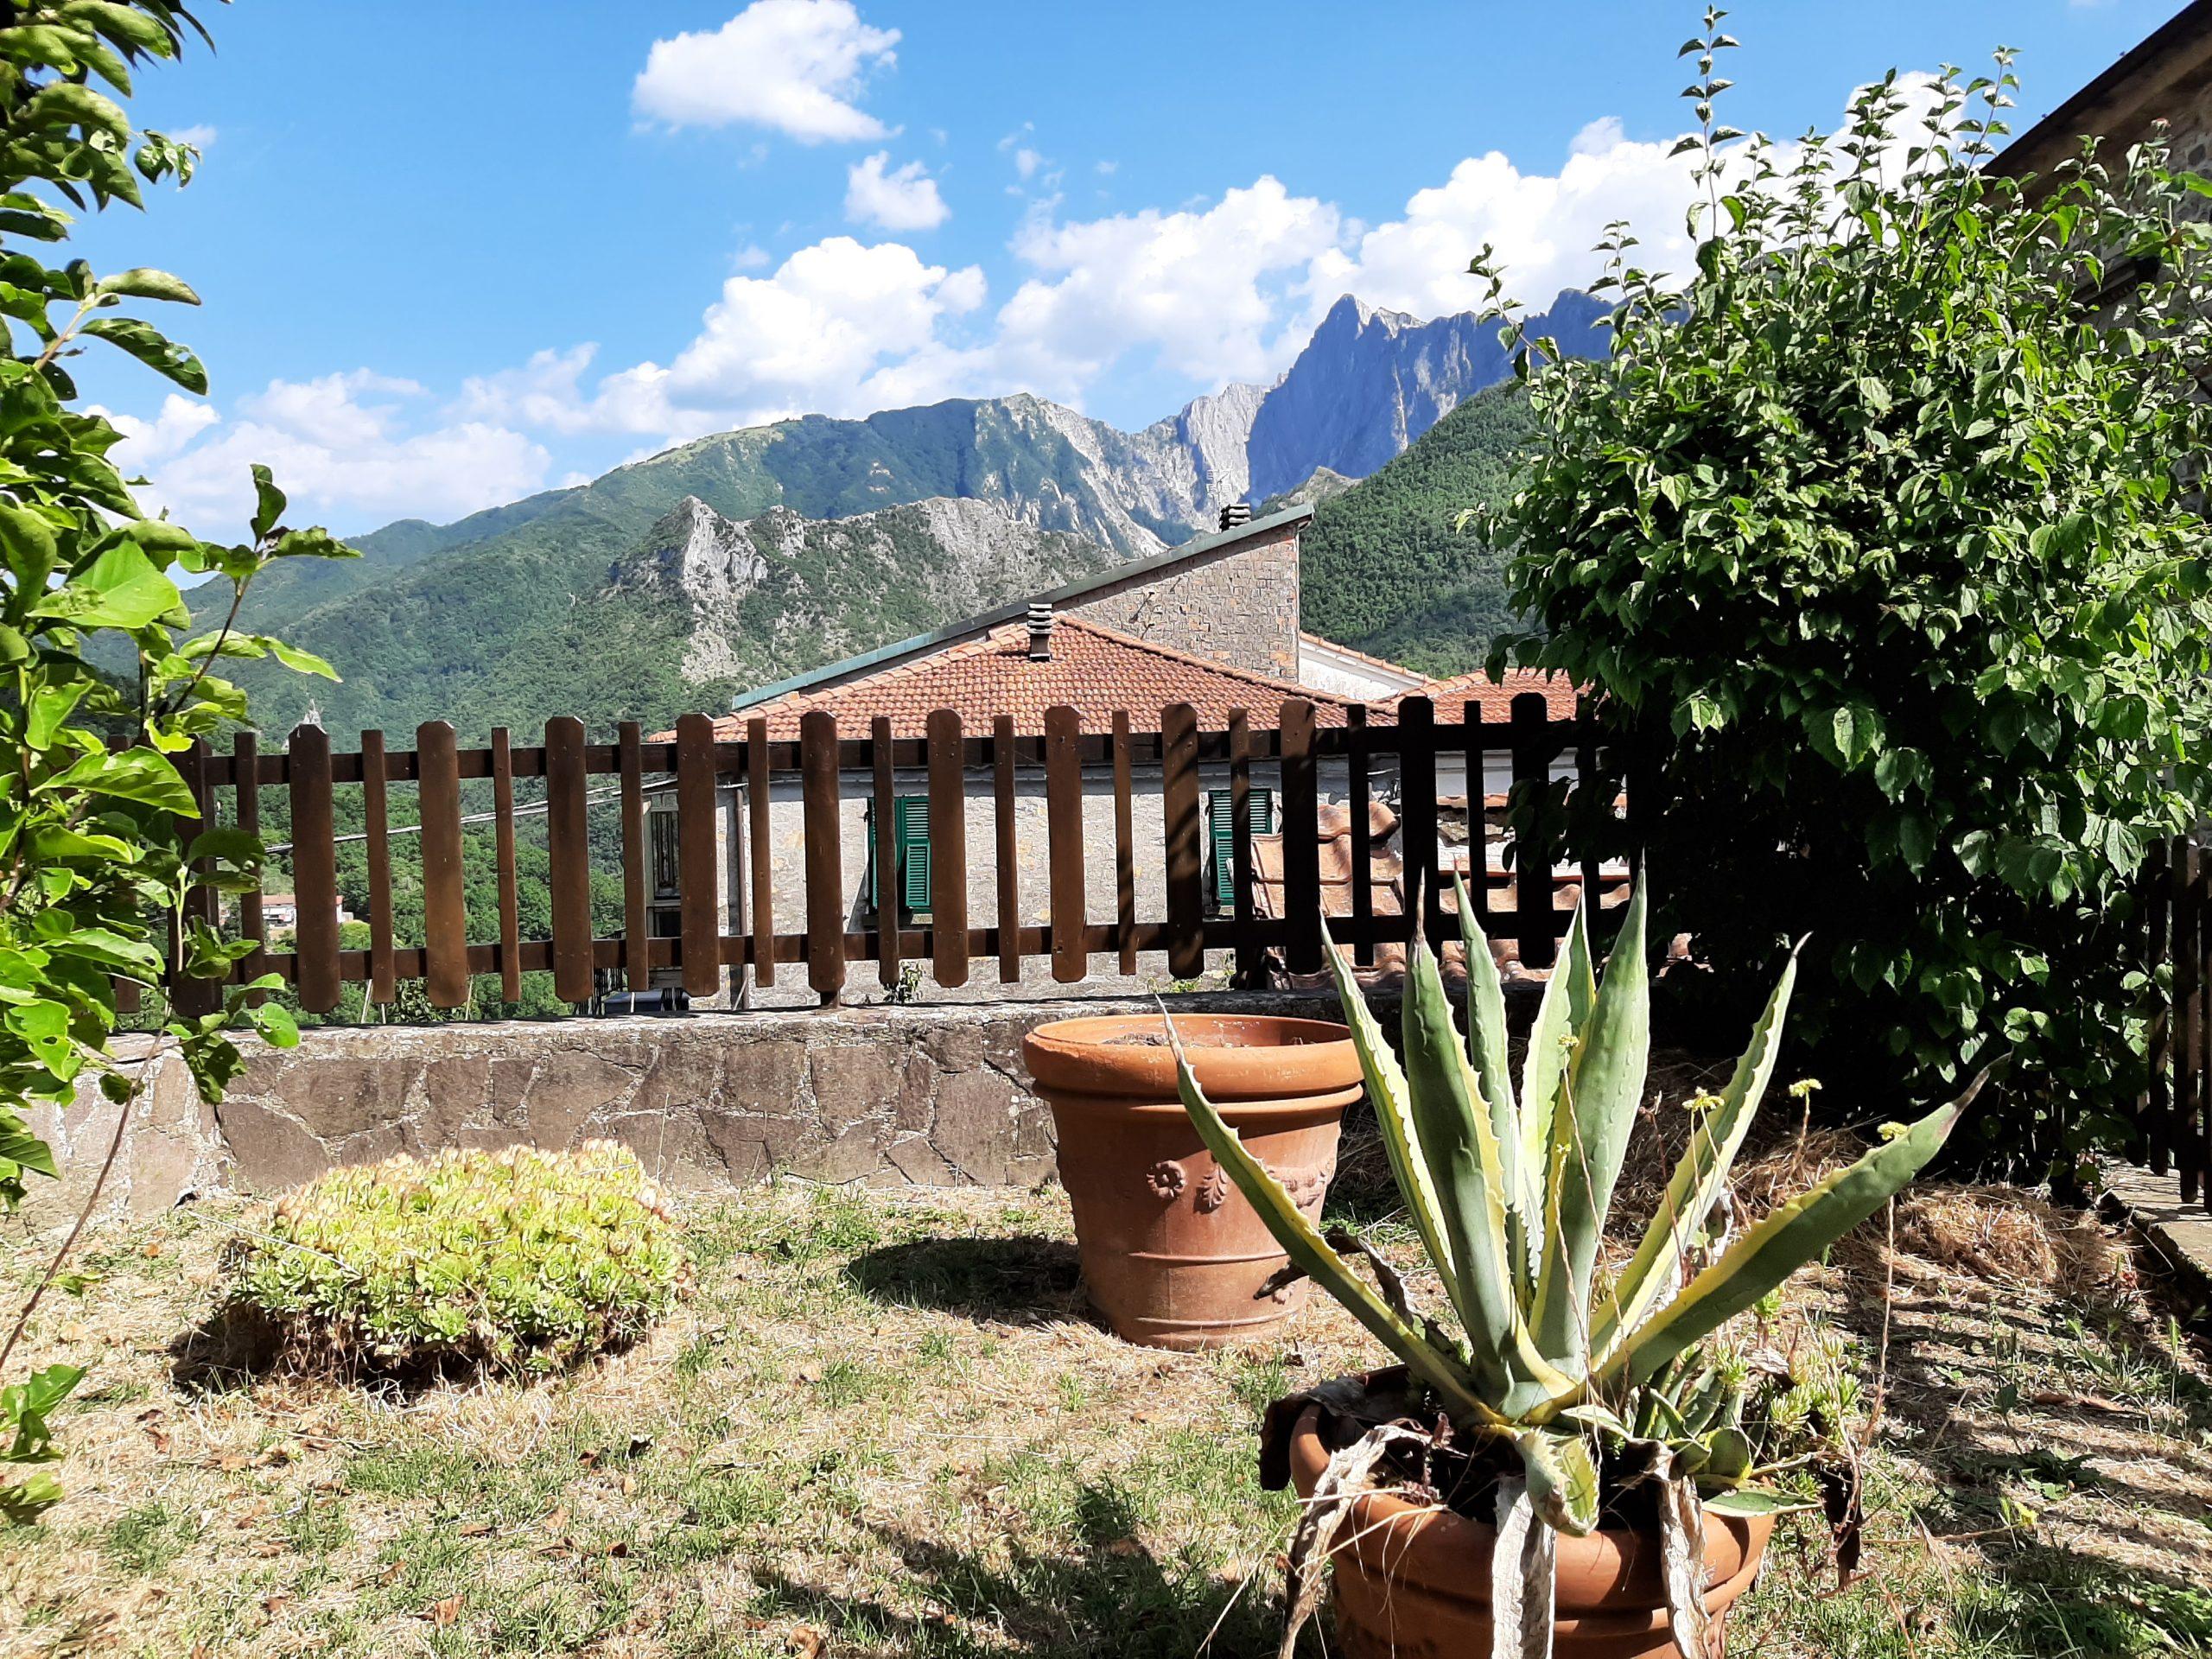 Casa con giardino e Vista , occasione in Lunigiana , guarda il prezzo !!!!! ref 2430